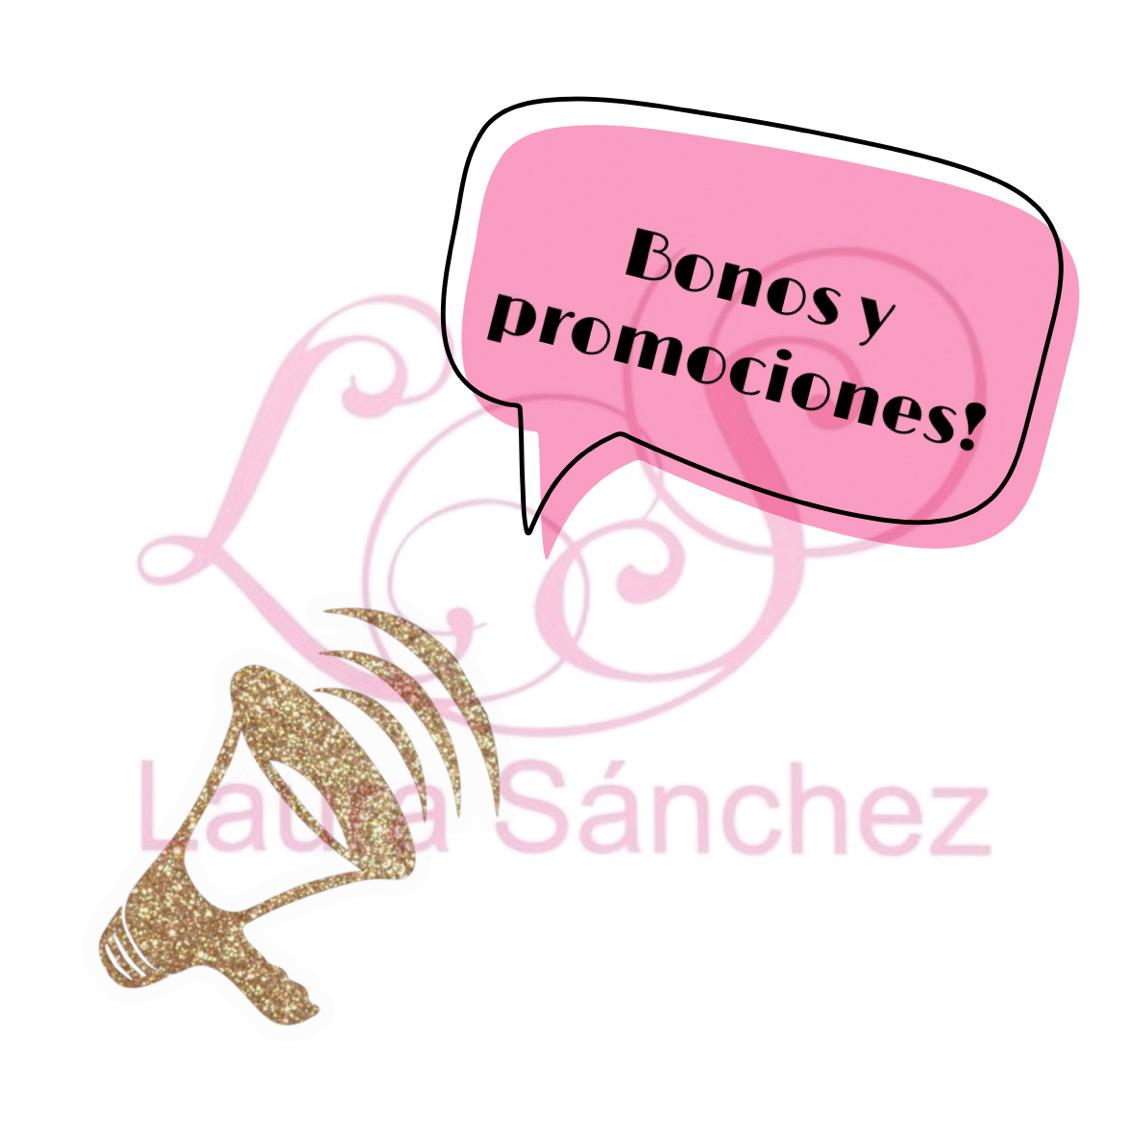 3. BONOS Y PROMOCIONES